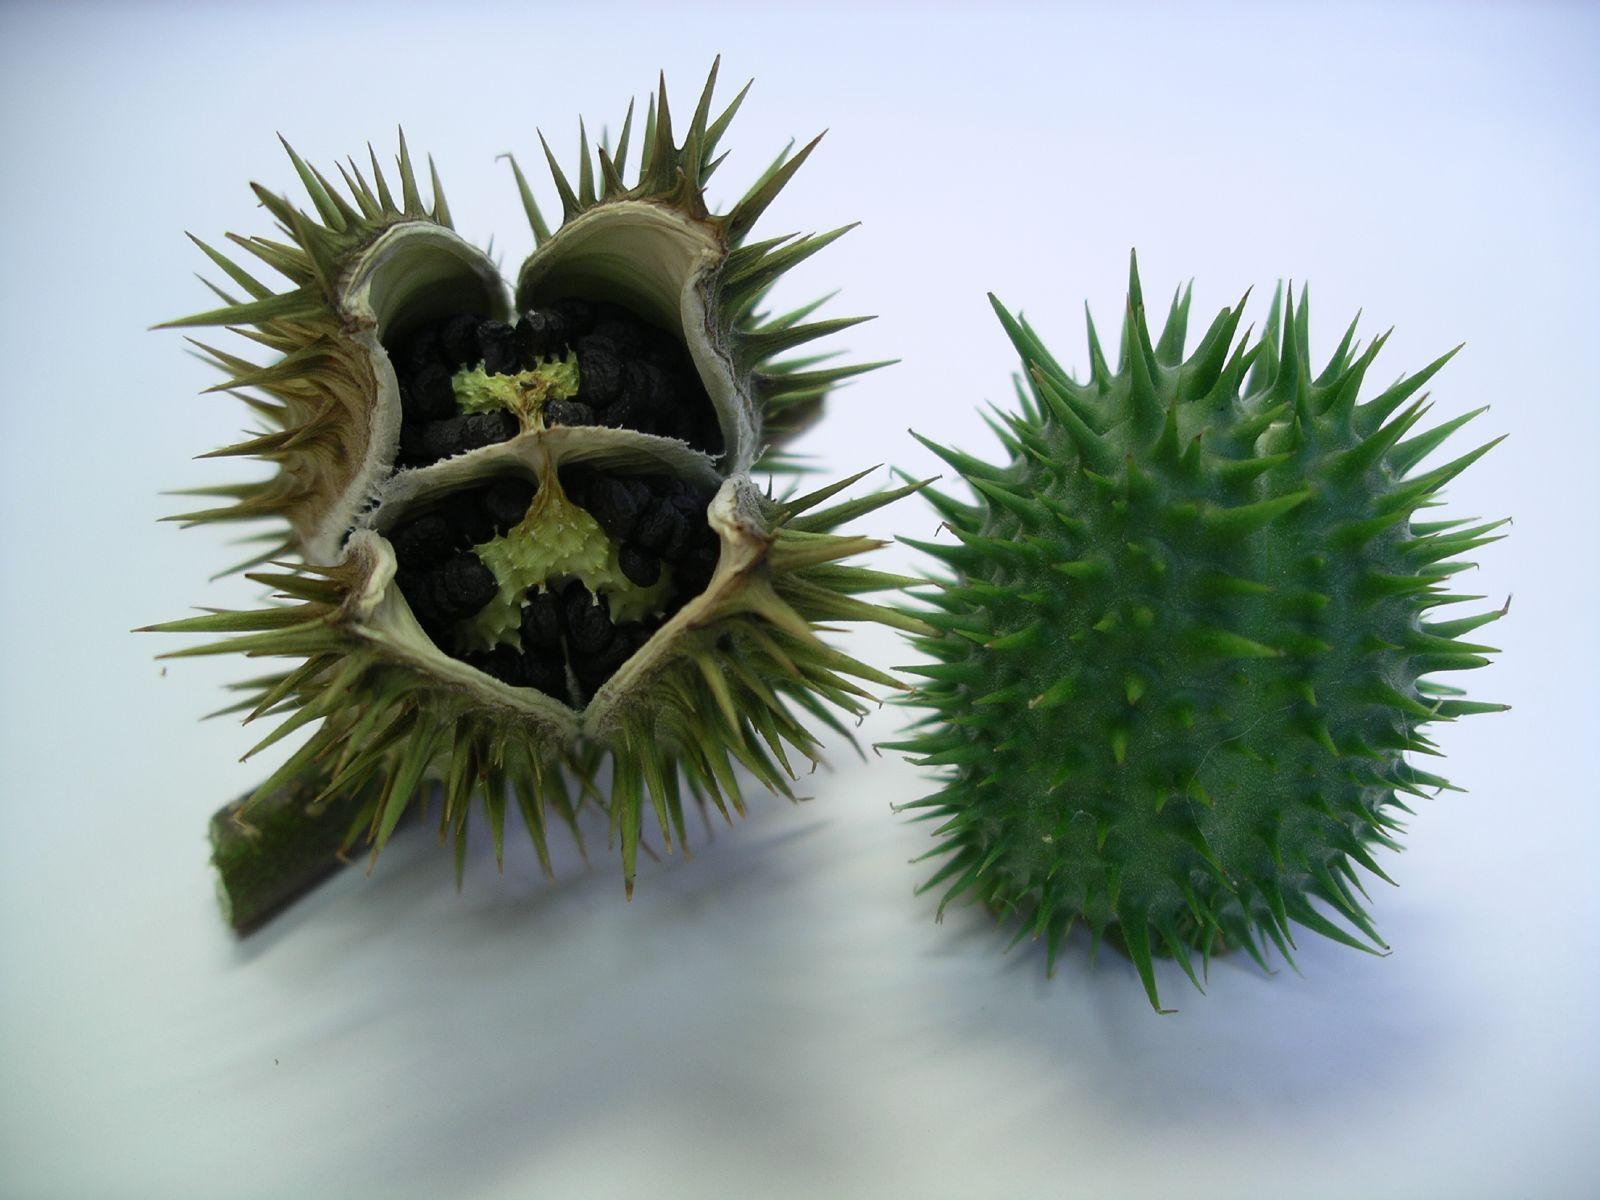 Frucht d. gemeinen Stechapfels